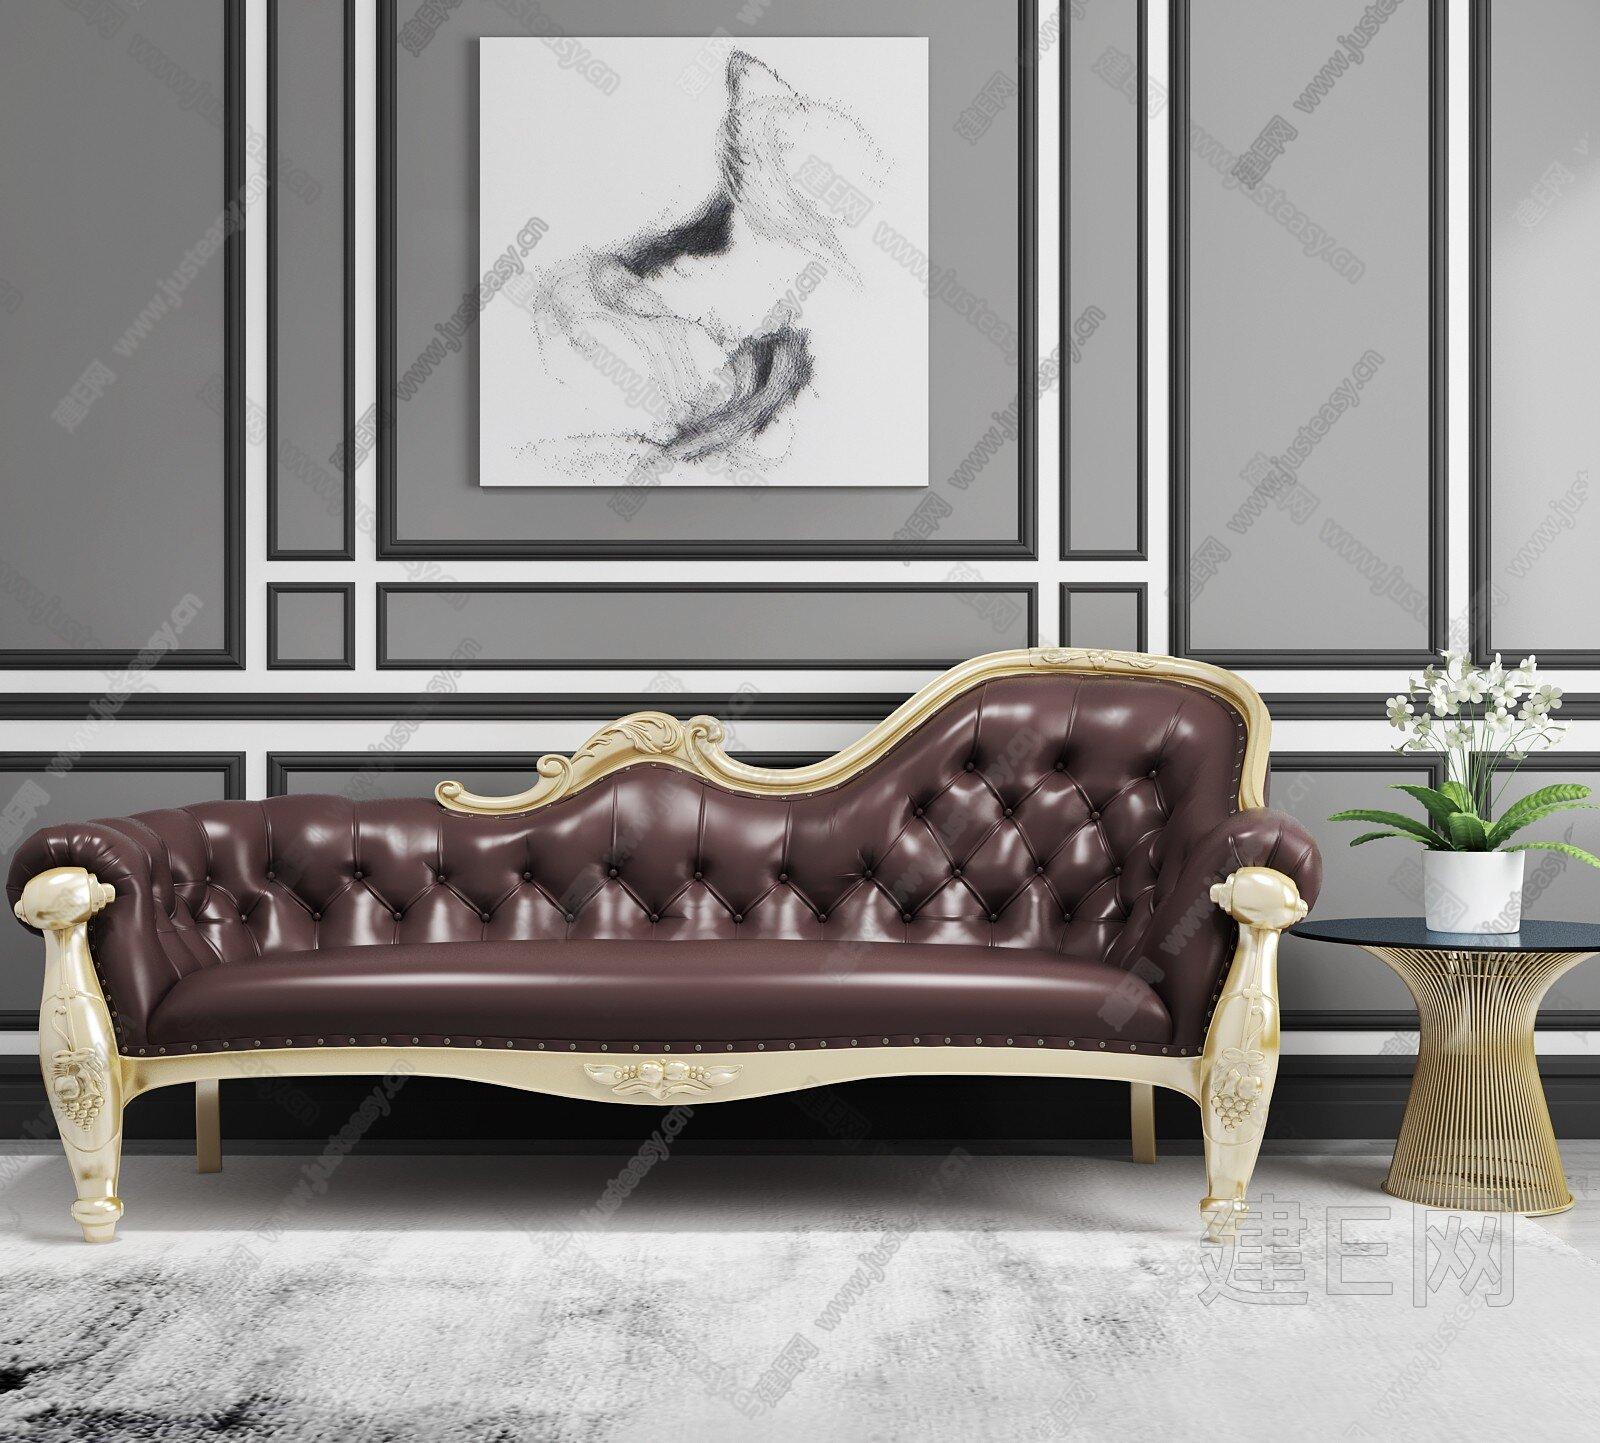 欧式沙发贵妃椅- 建E网3d模型分享交流平台-3d模型下载-3d模型下载网站